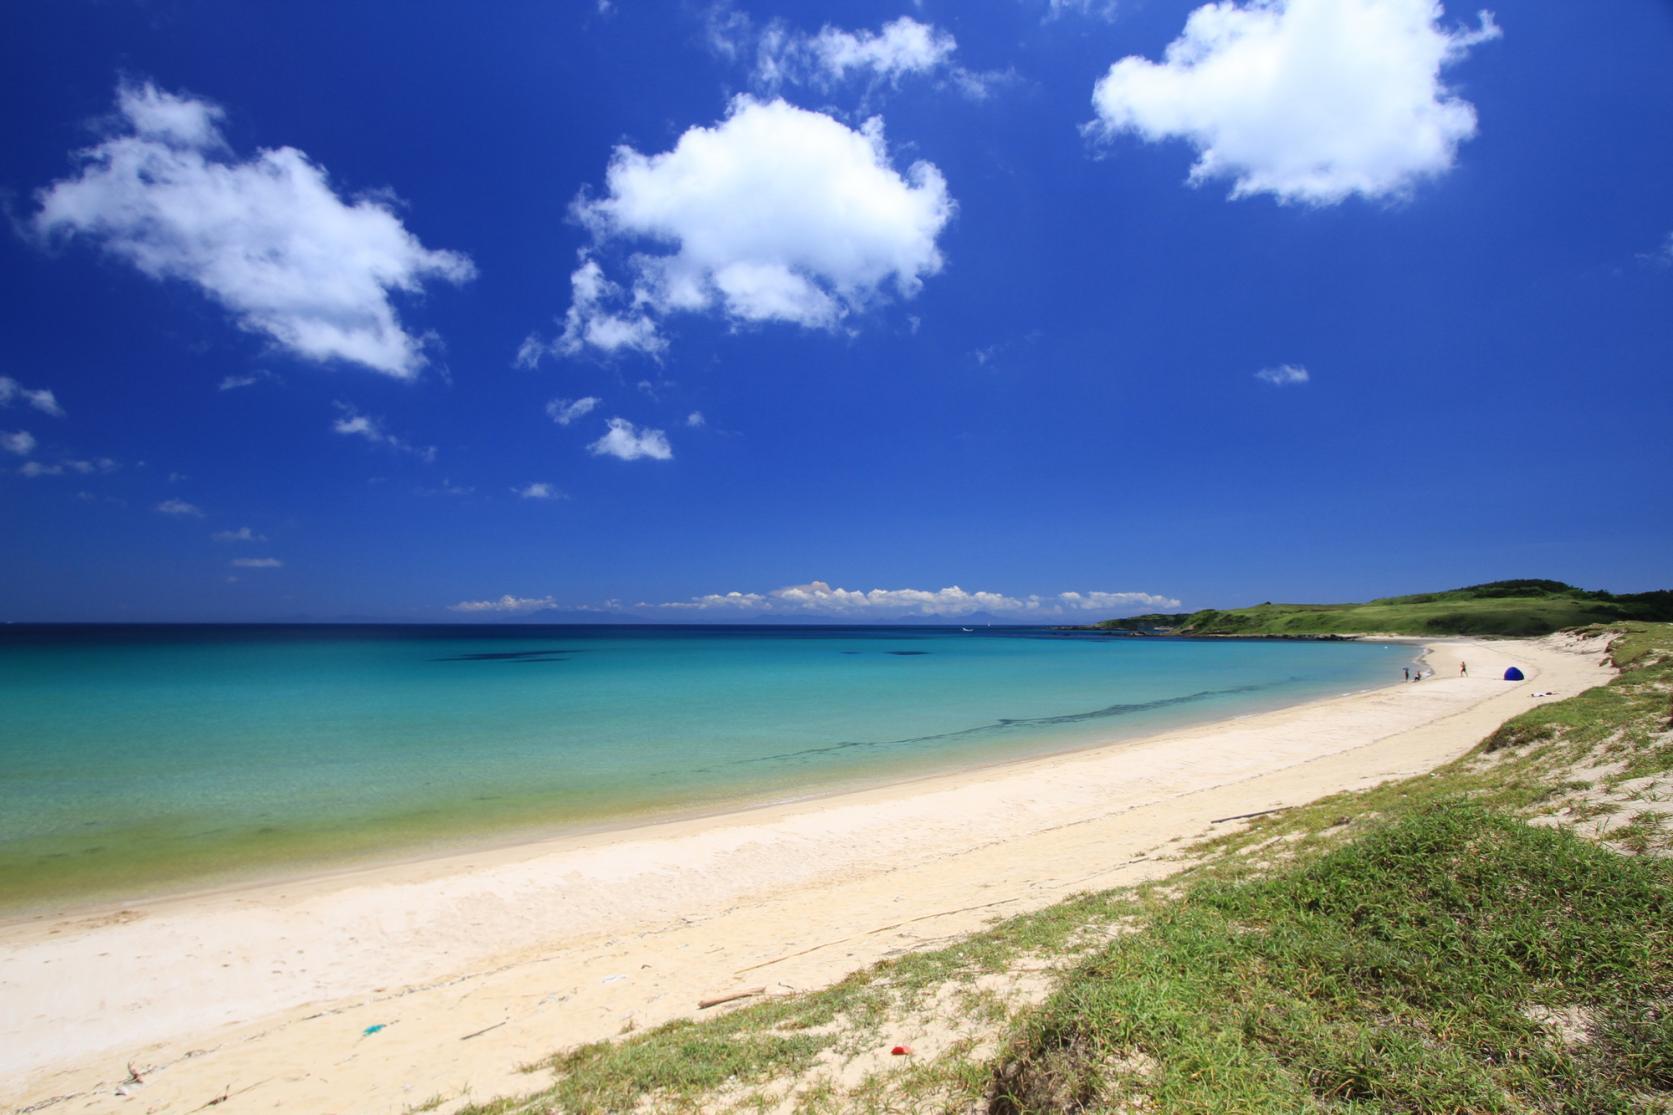 ここは海外か!? のどかな時間と豊かな自然が楽しめる「非日常の島」へ -2